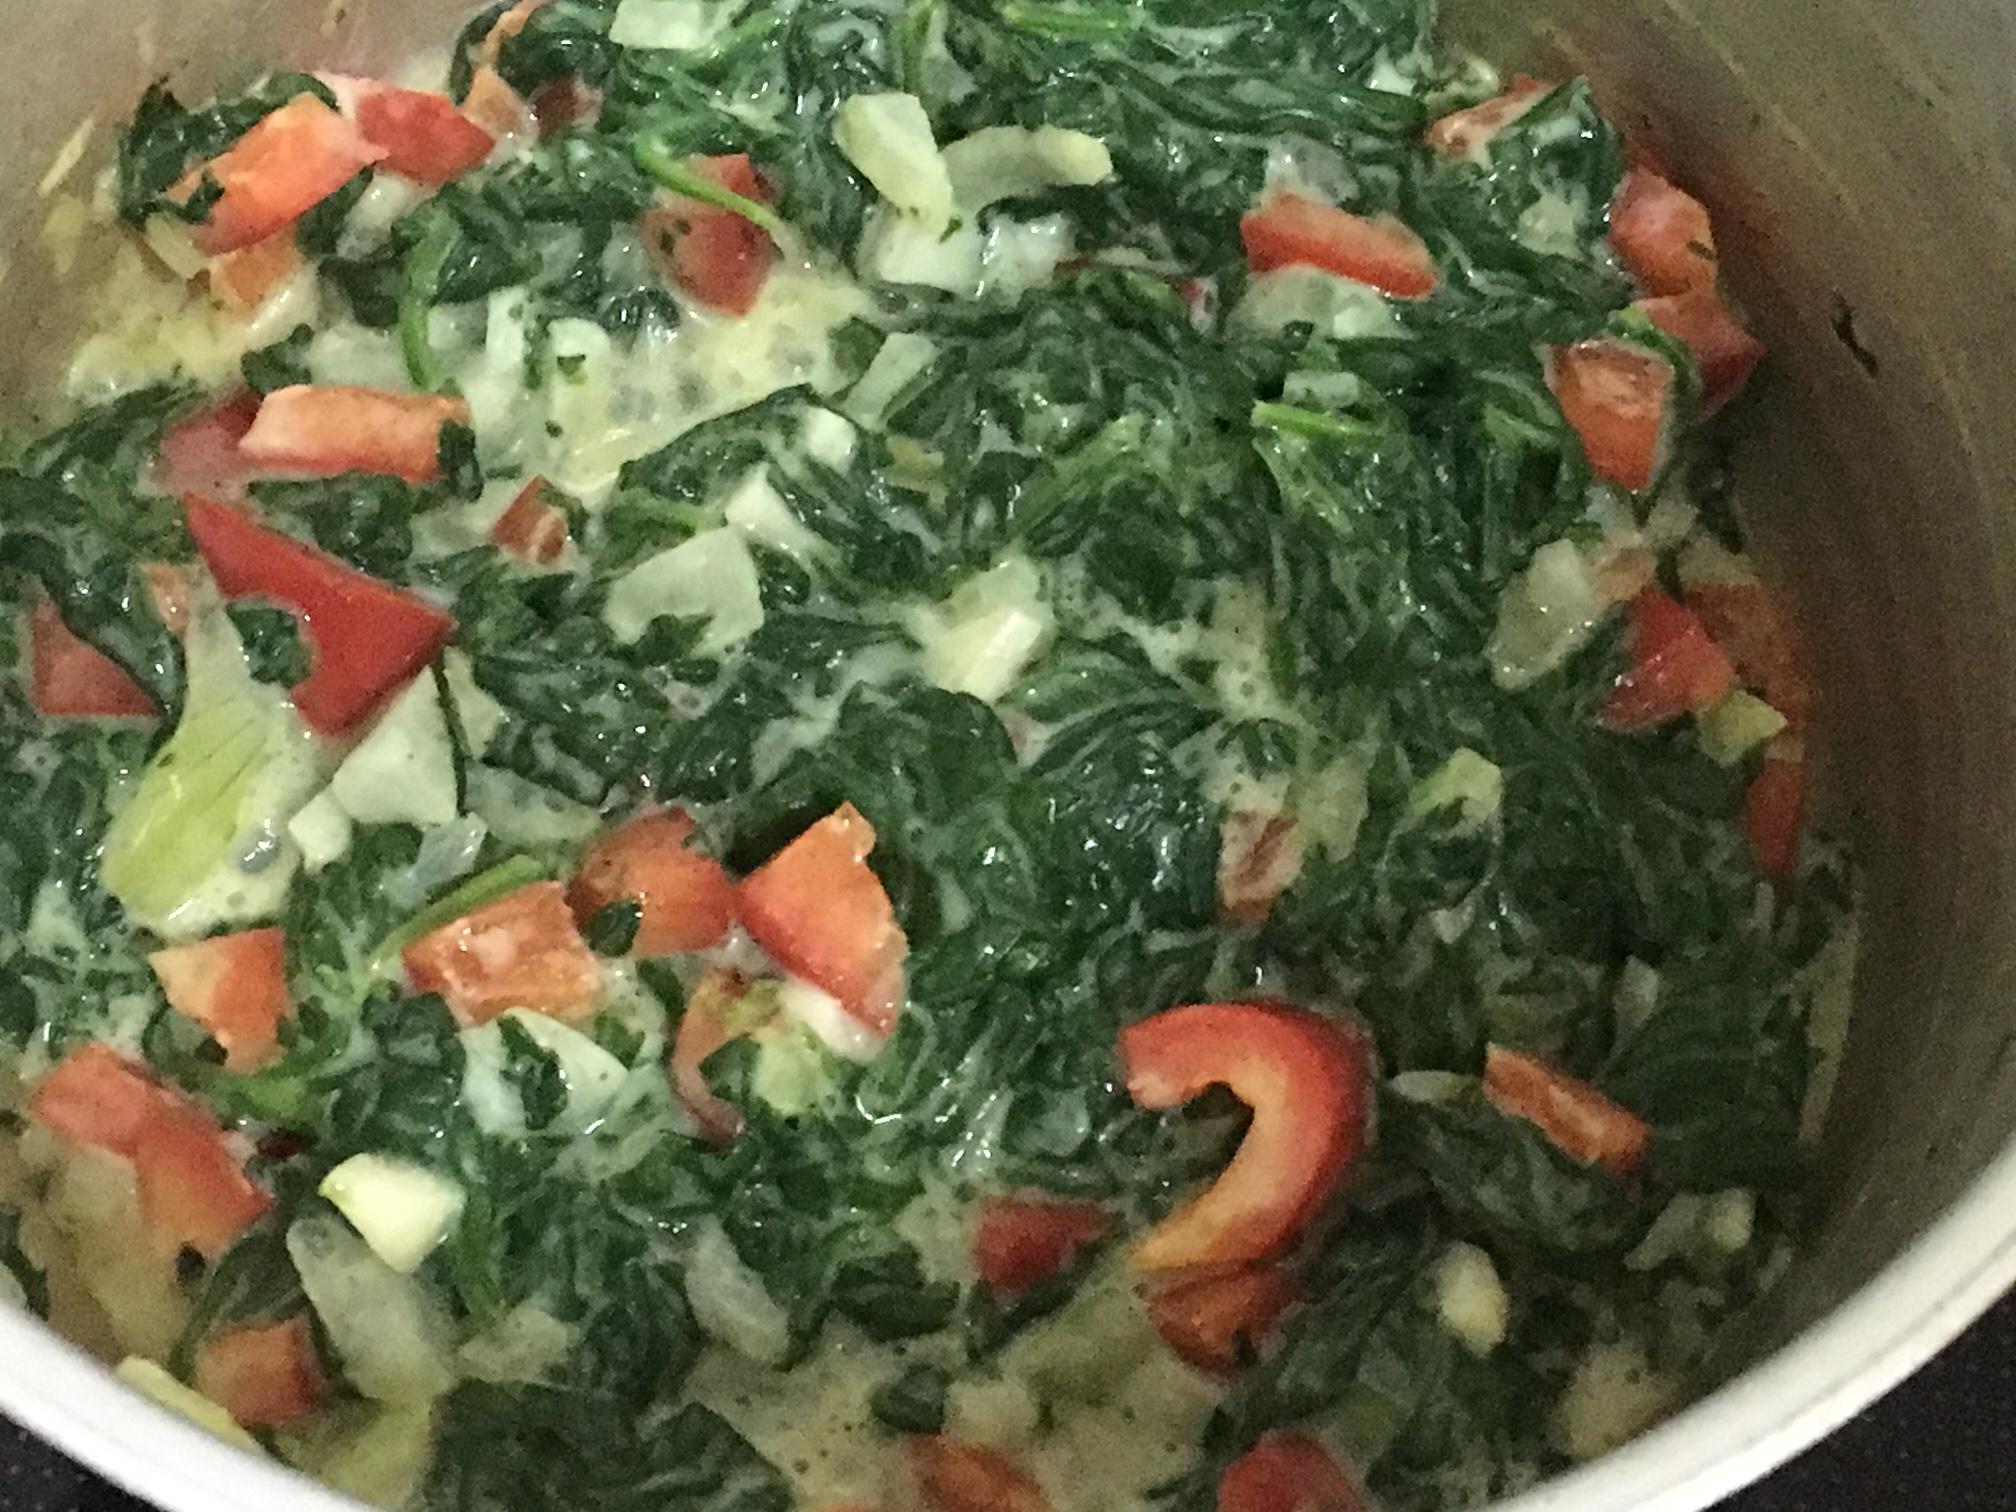 flødestuvet spinat med frisk spinat